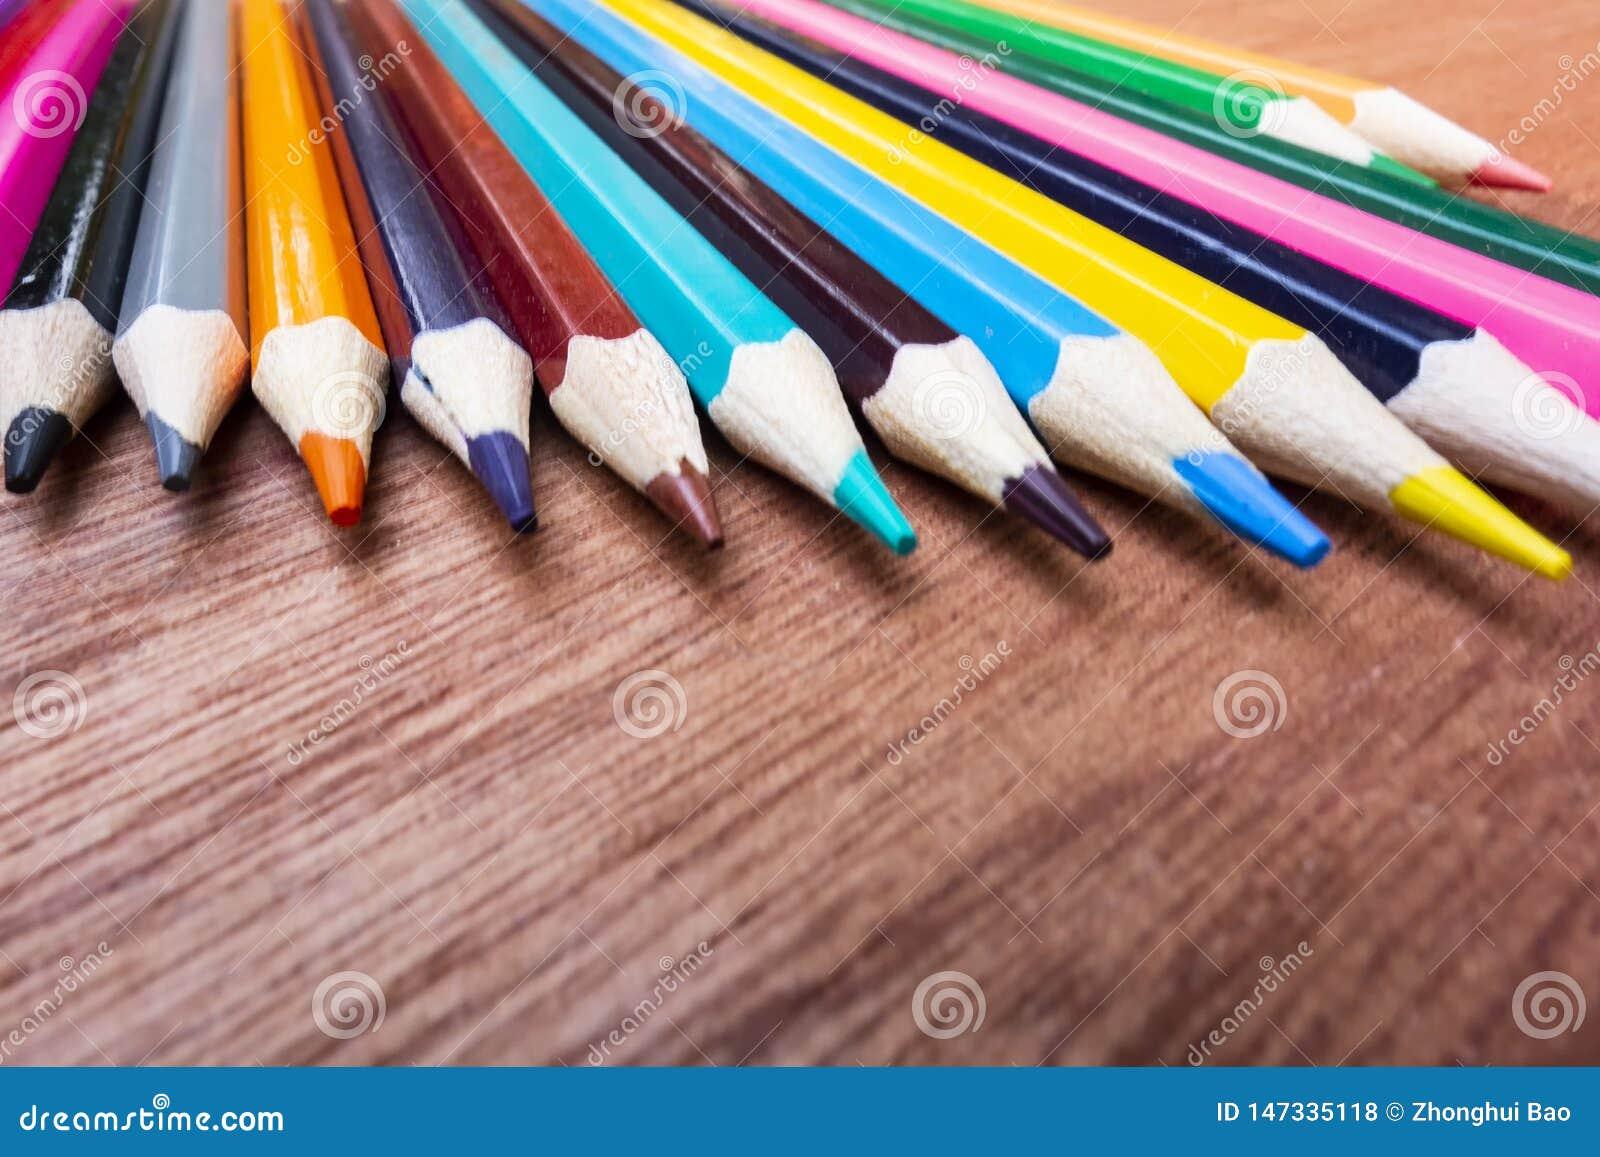 Les crayons color?s ont arrang? d une mani?re ordonn?e